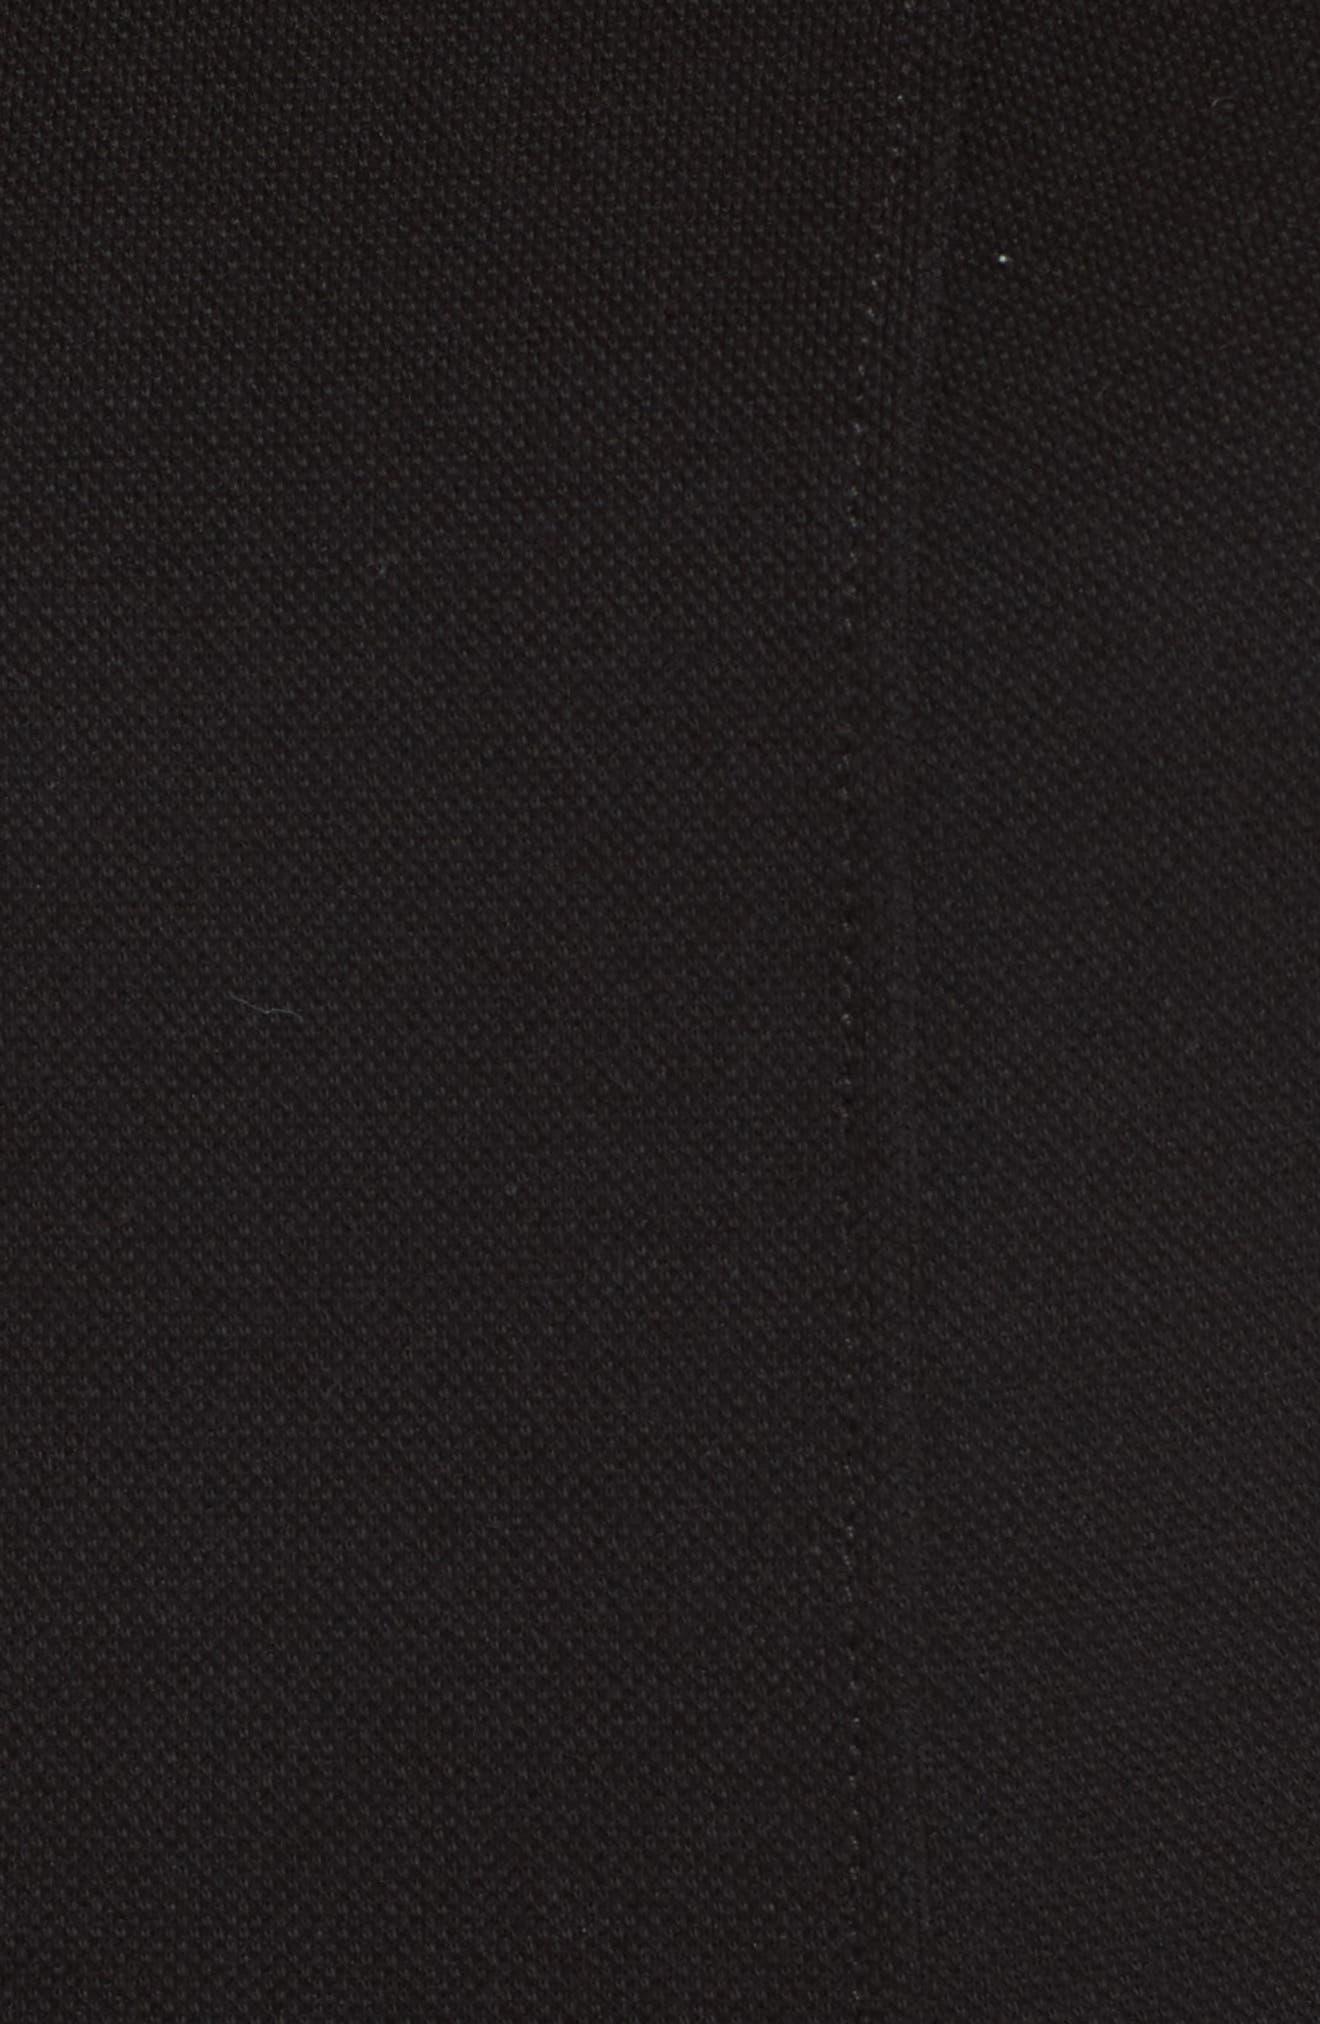 Piqué Fit & Flare Dress,                             Alternate thumbnail 5, color,                             001